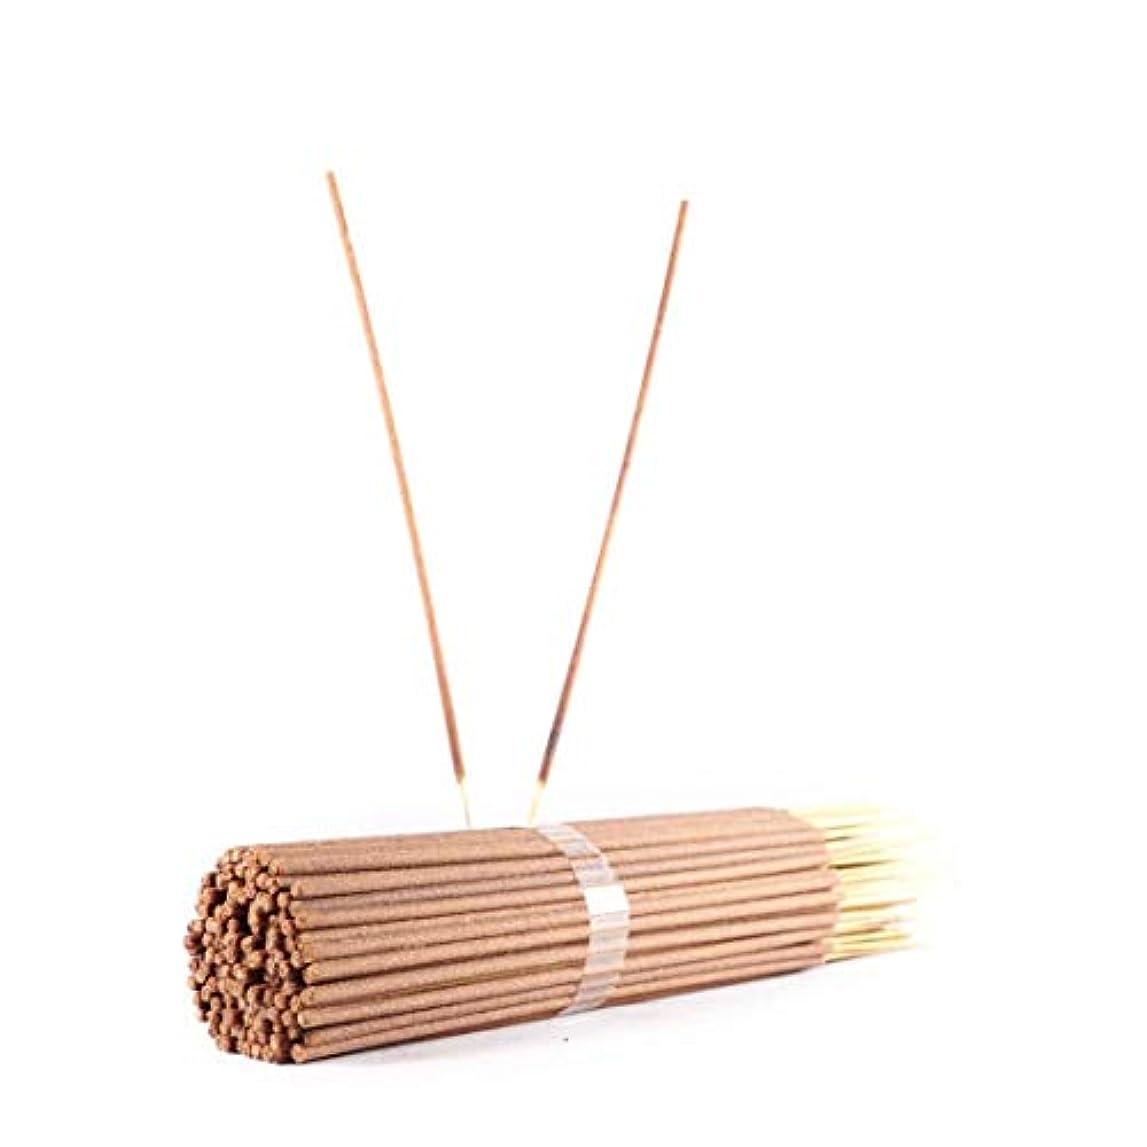 慰め常識倒錯Gifteniaa Wonderful Vaishnavi Fragrant 9 Inches insence Sticks and Masala Insence Sticks (50 Sticks)